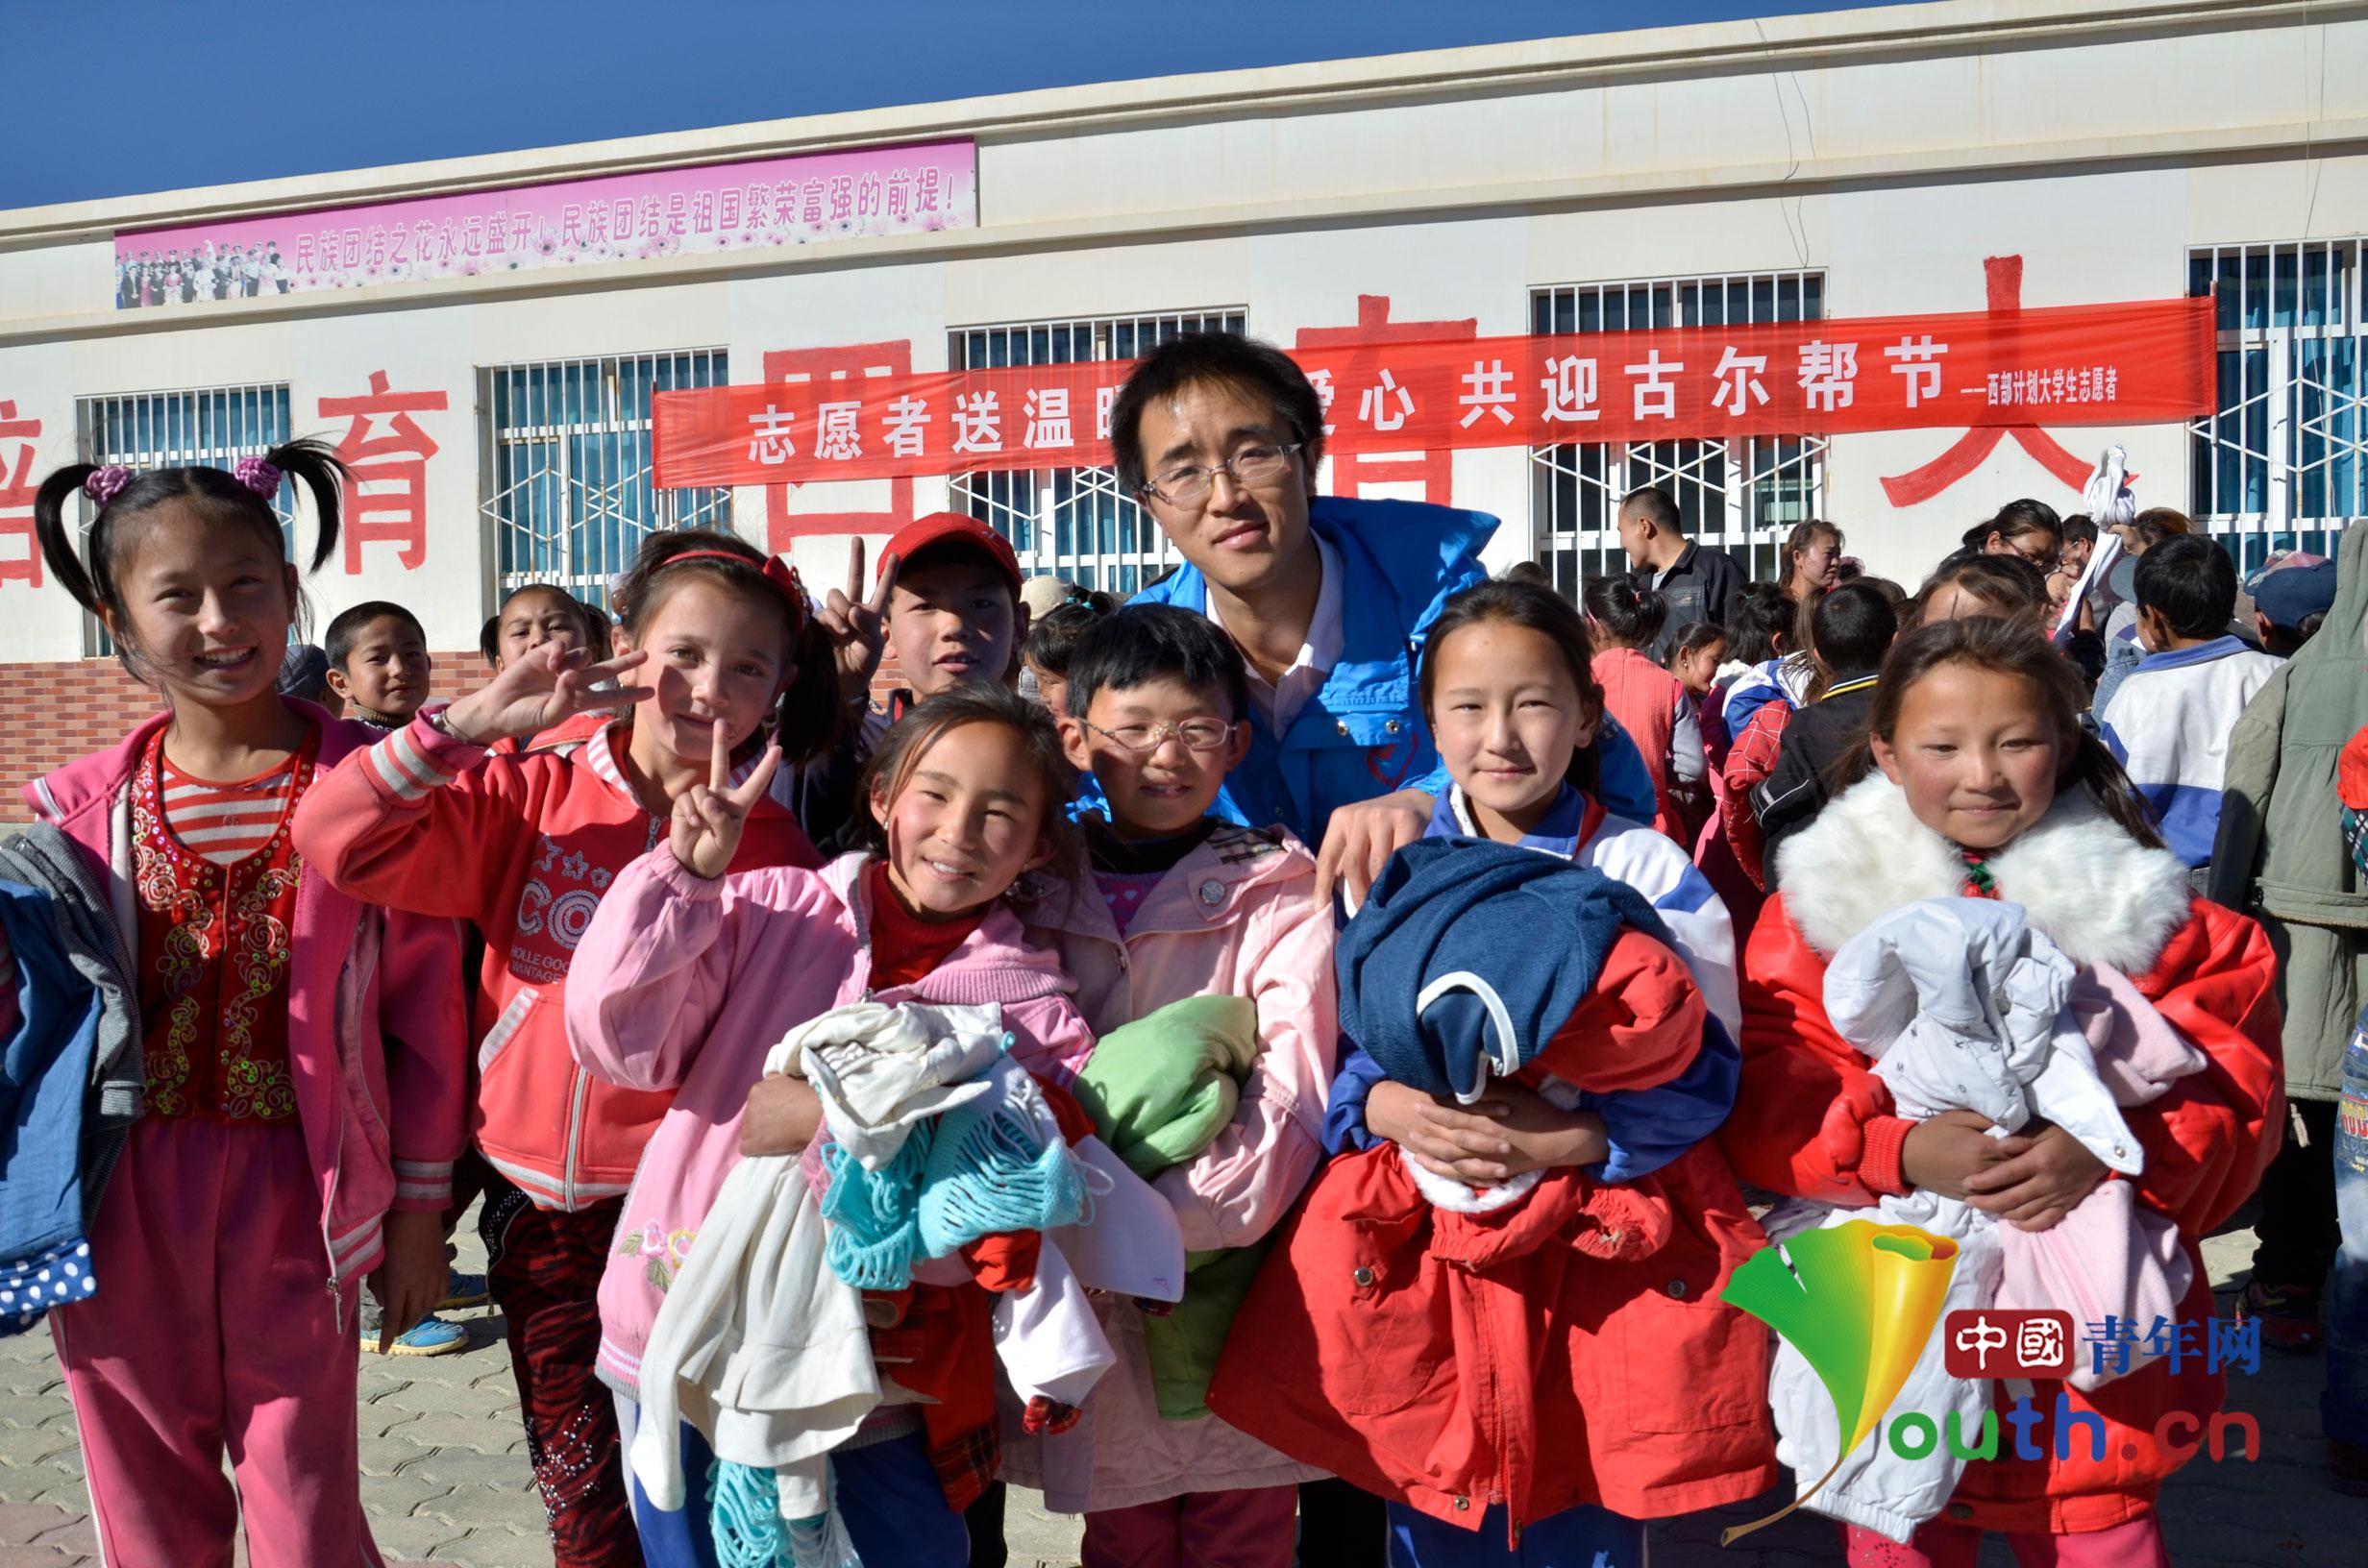 下午志愿者将募集的三百余件棉衣和三个足球,以及通过山东青岛恒爱